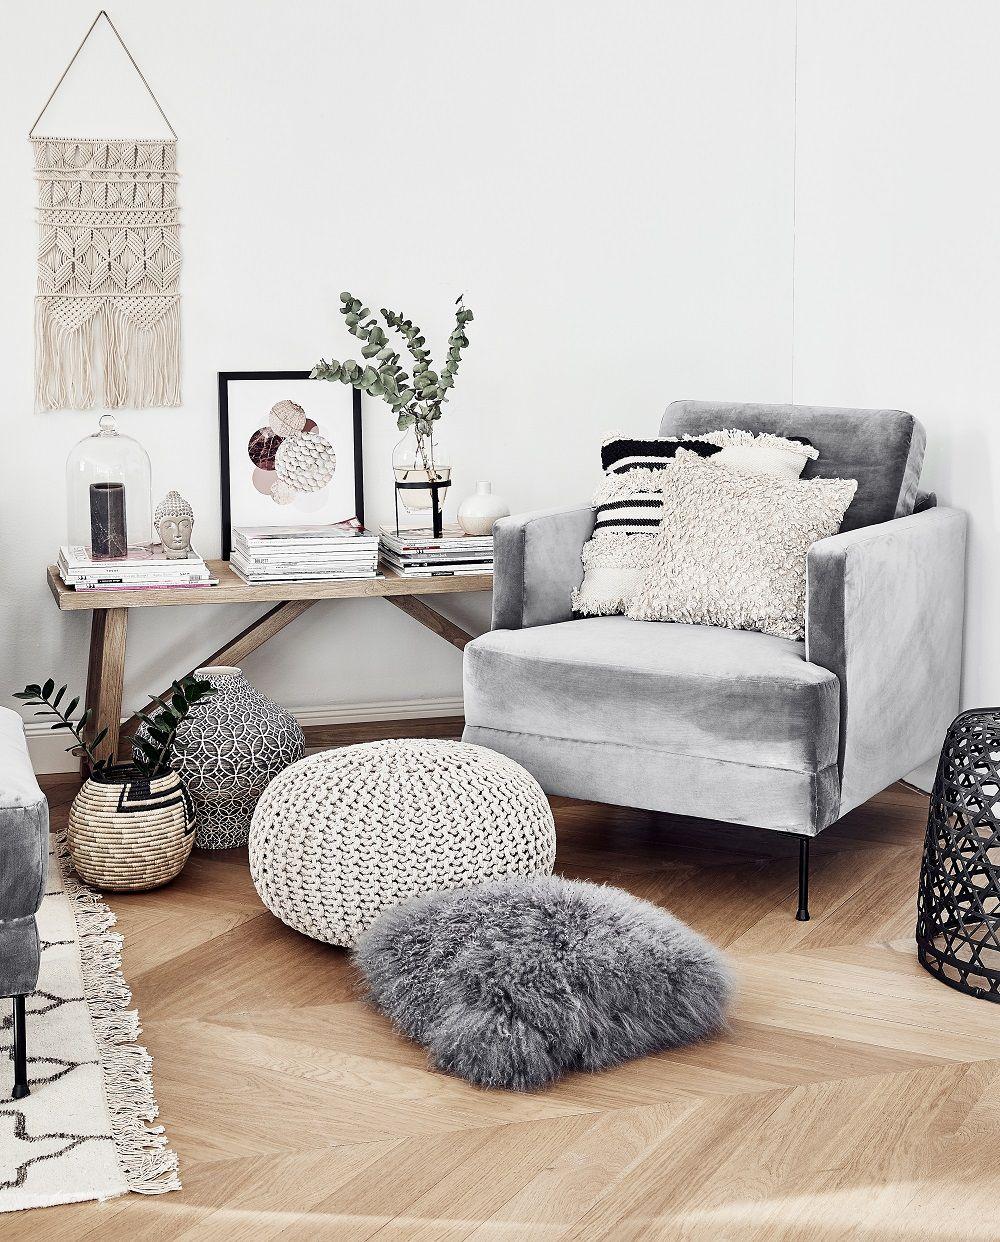 Samt sessel fluente sofas st hle sessel pinterest - Wandschmuck wohnzimmer ...